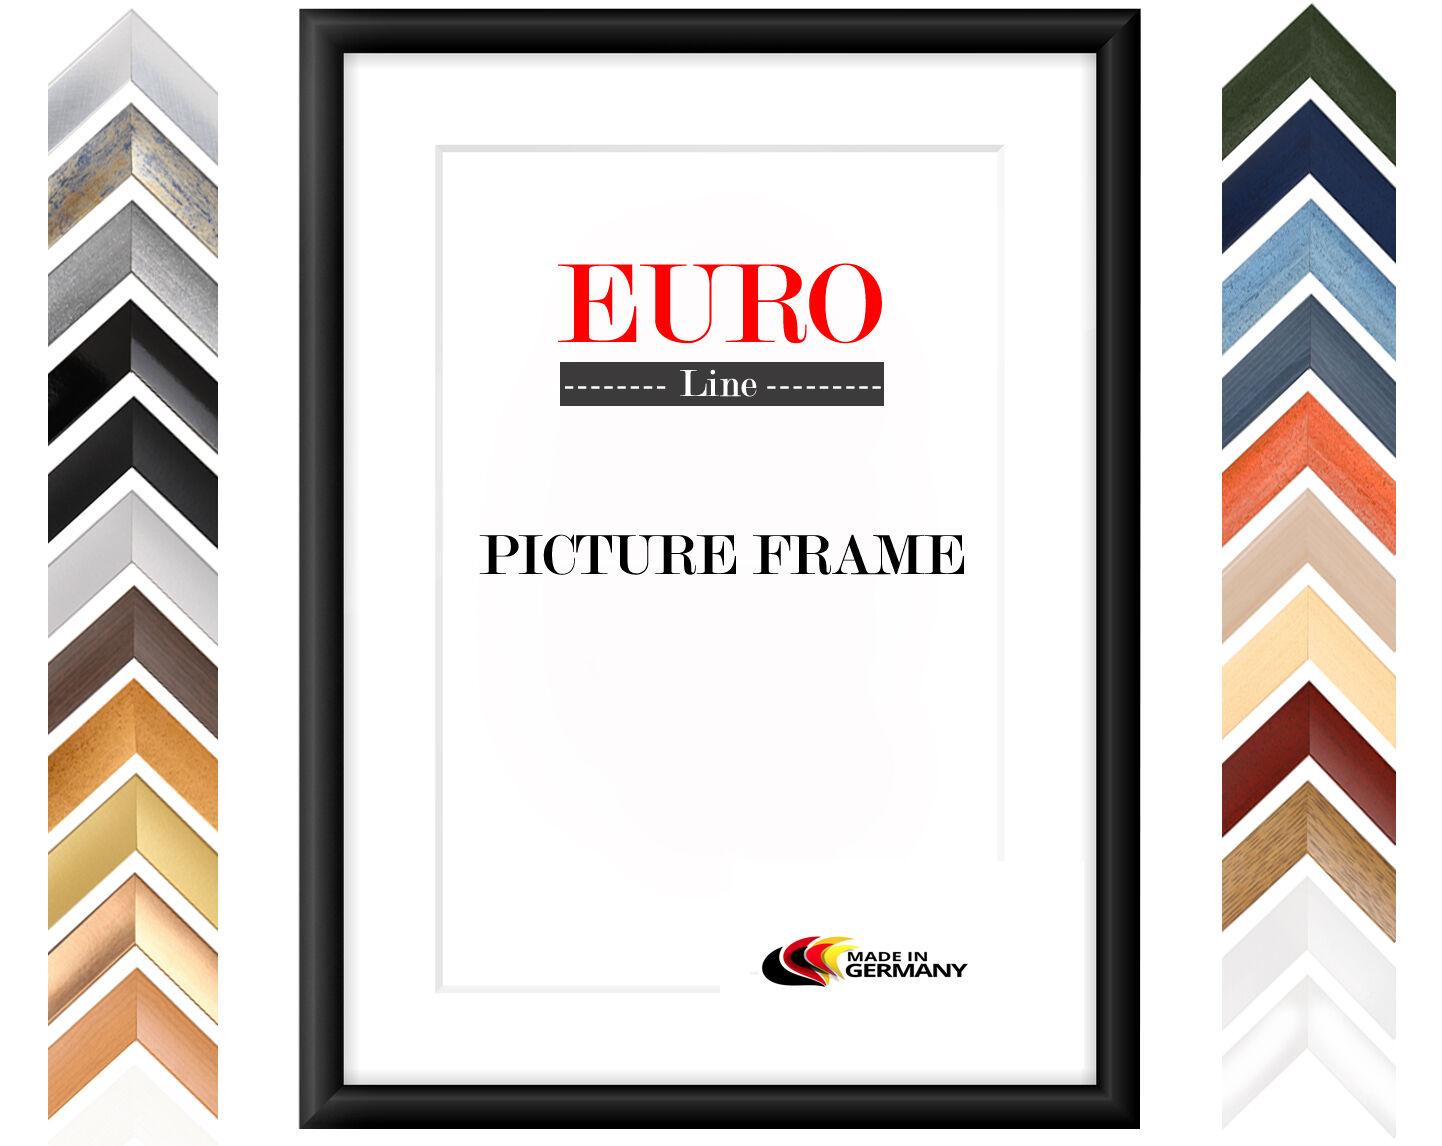 EUROLINE35 Bilderrahmen 93x110 cm oder 110x93 cm mit entspiegeltem Acrylglas